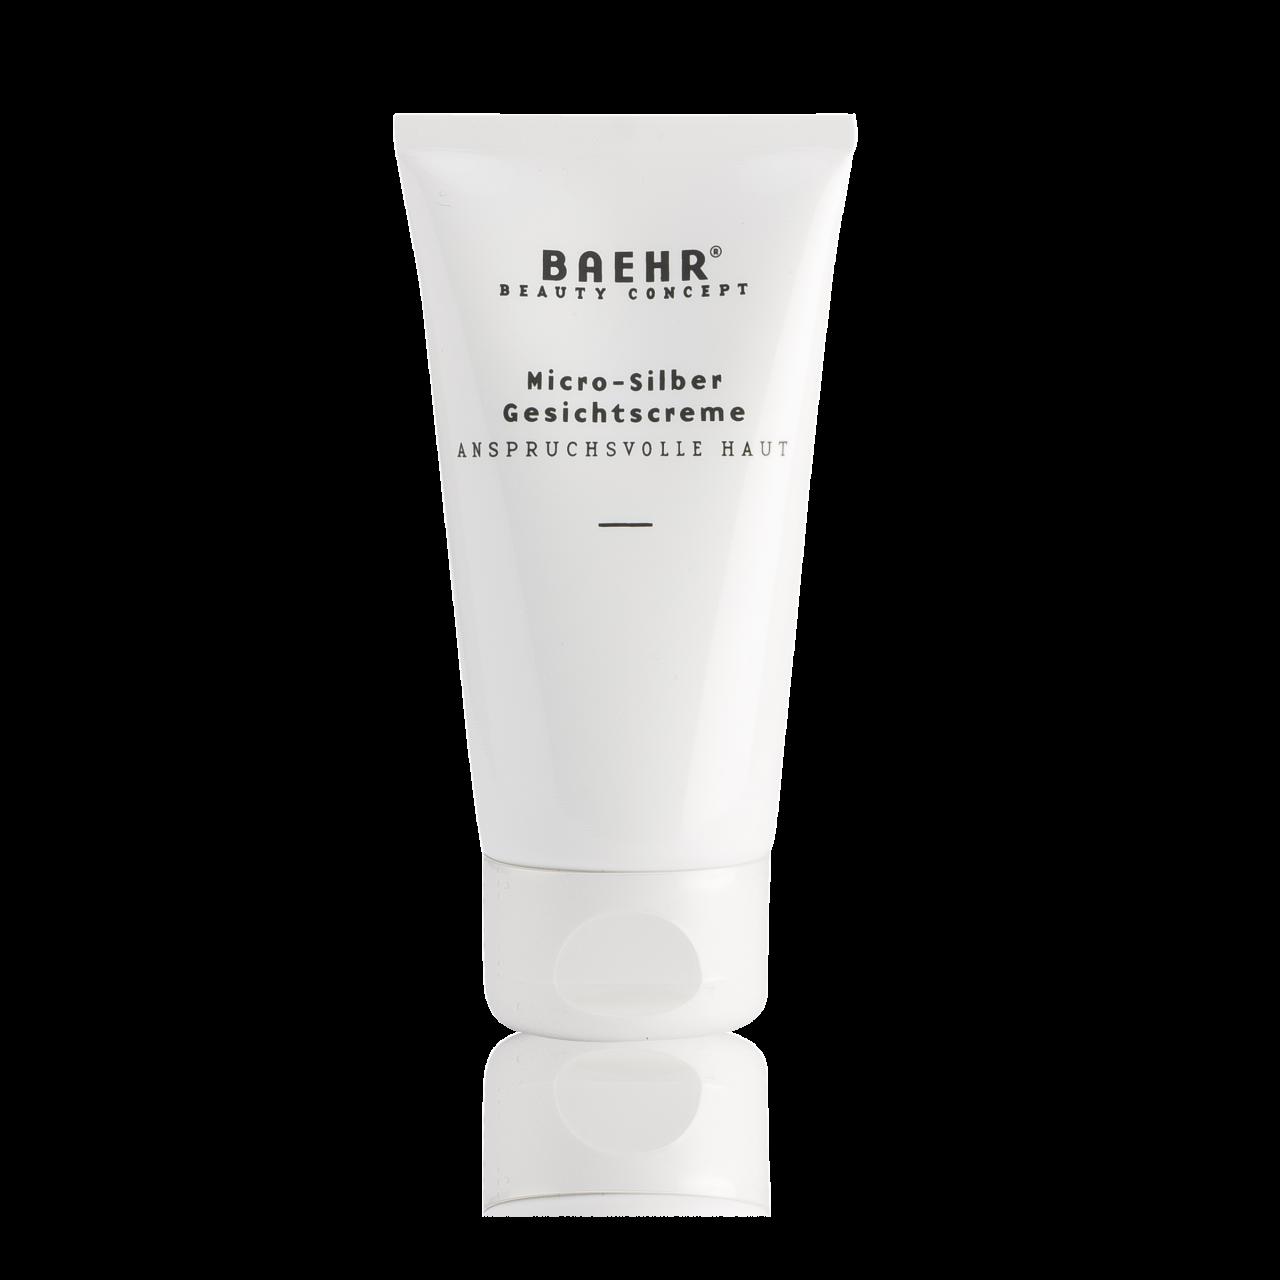 Micro-Silber Gesichtscreme 50 ml